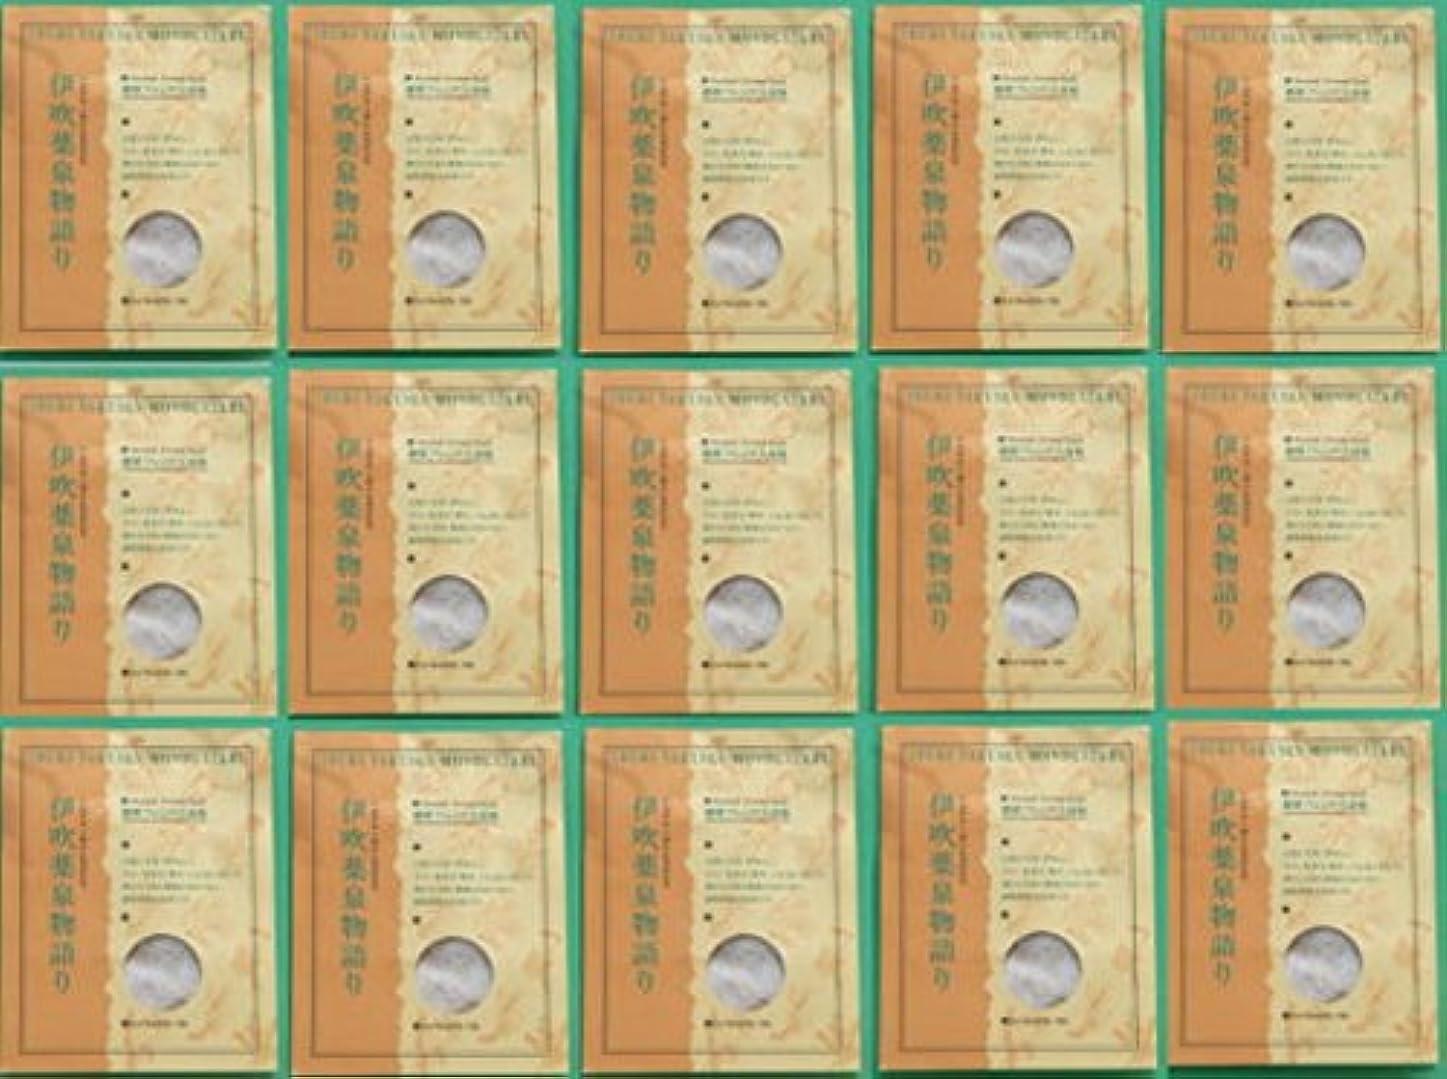 宮殿決定推定する薬草入浴剤伊吹薬泉物語り15袋30包入り